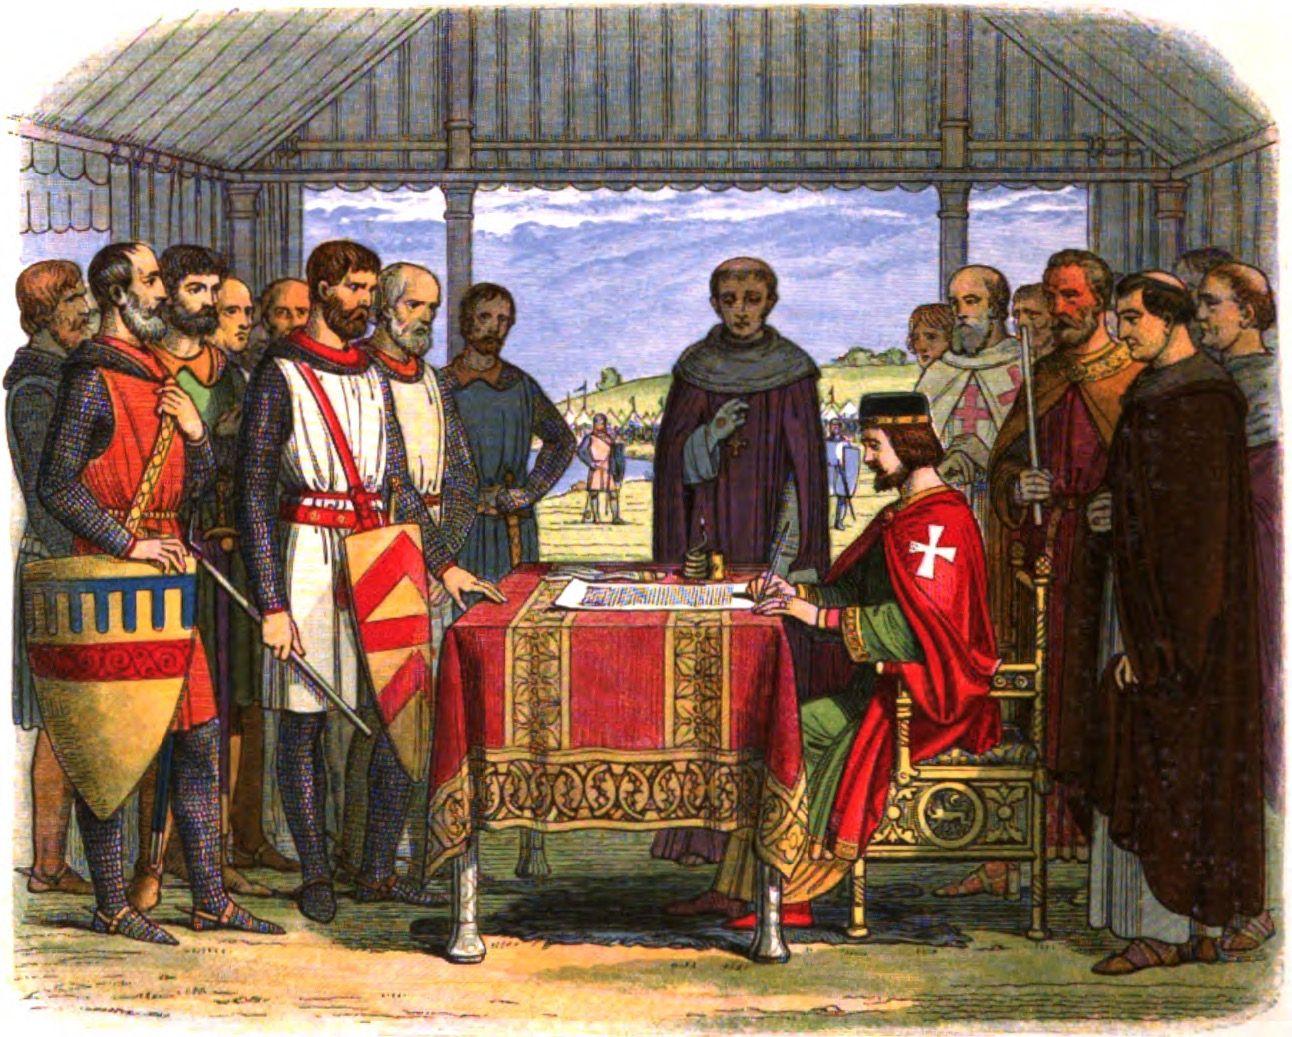 Signing of Magna Carta at Runnymede 1215 painting